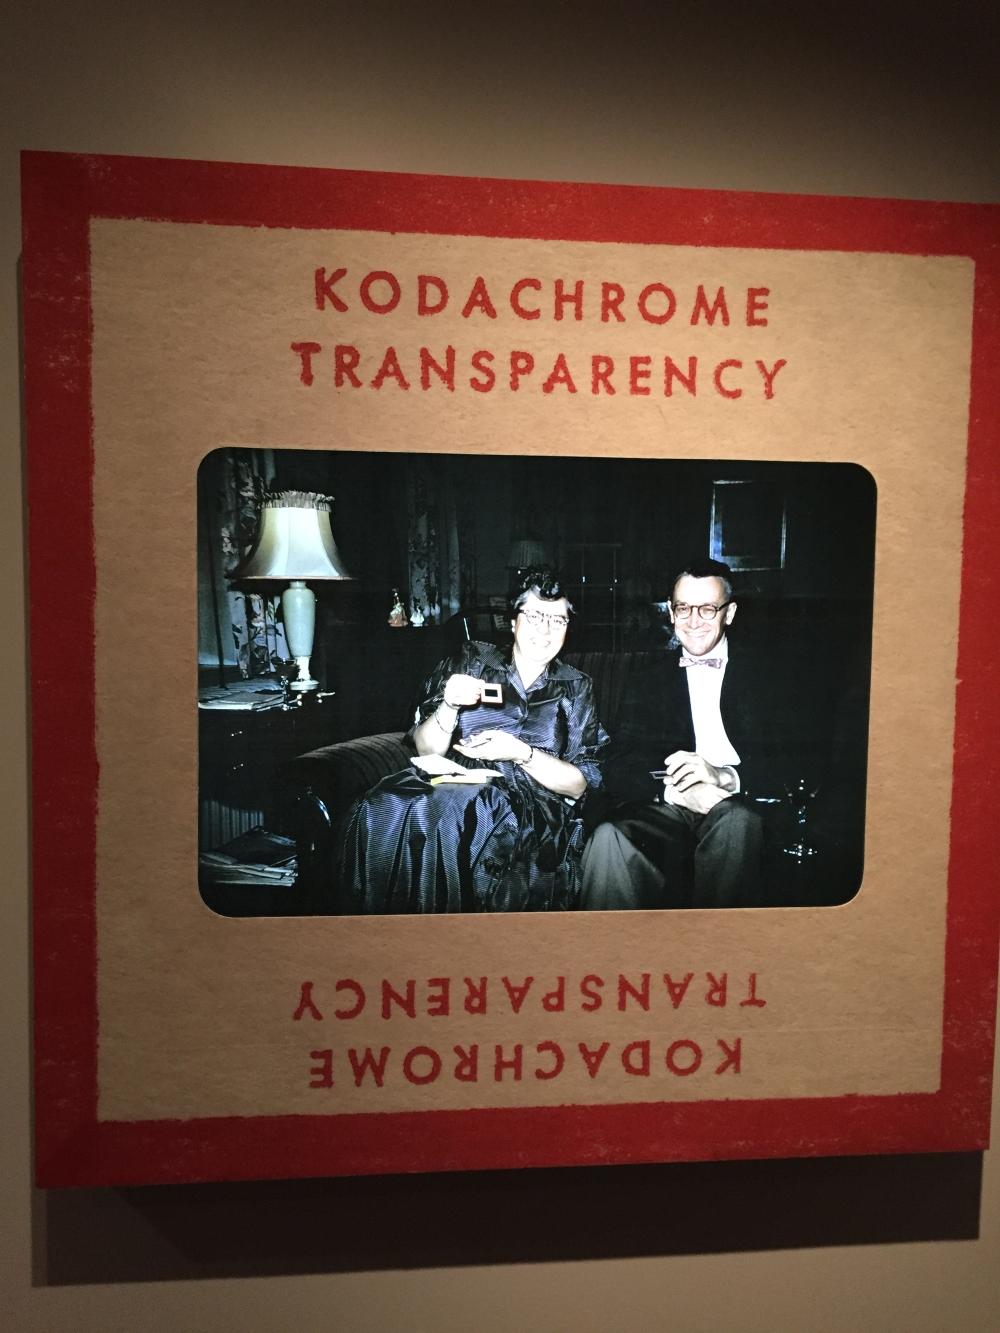 Agrandissement d'une diapo Kodachrome. Photo: Claude Deschênes